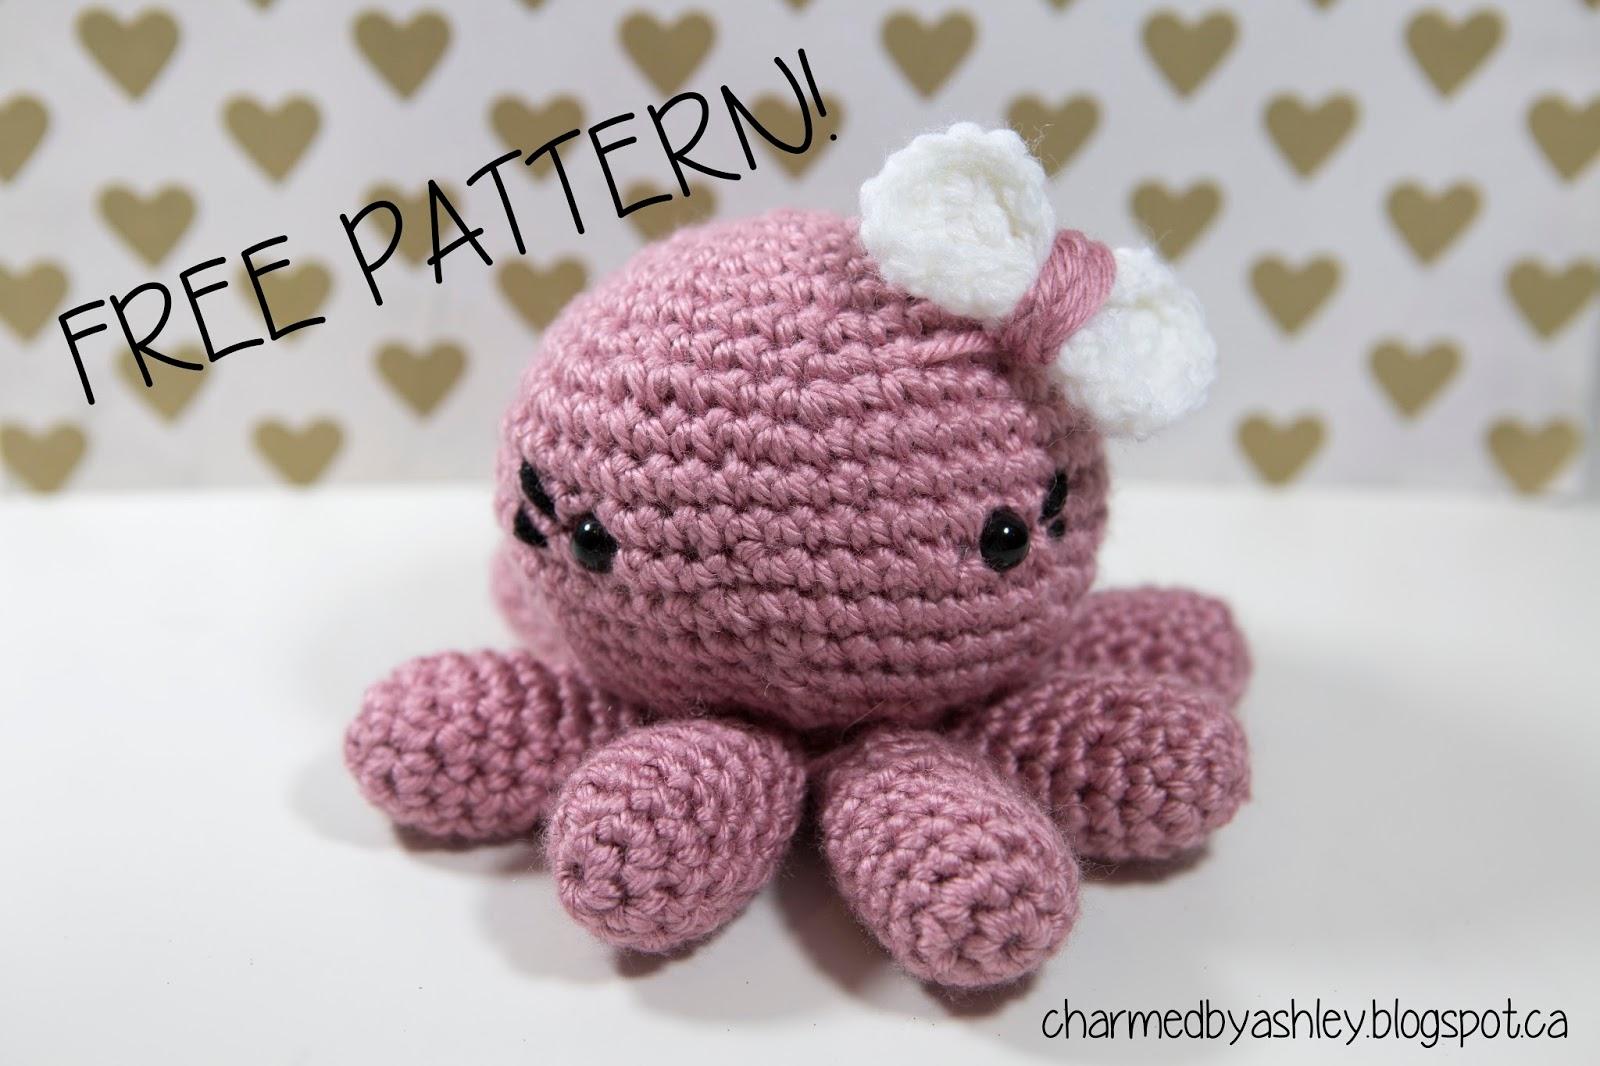 Crochet Octopus pattern - Charmed By Ashley